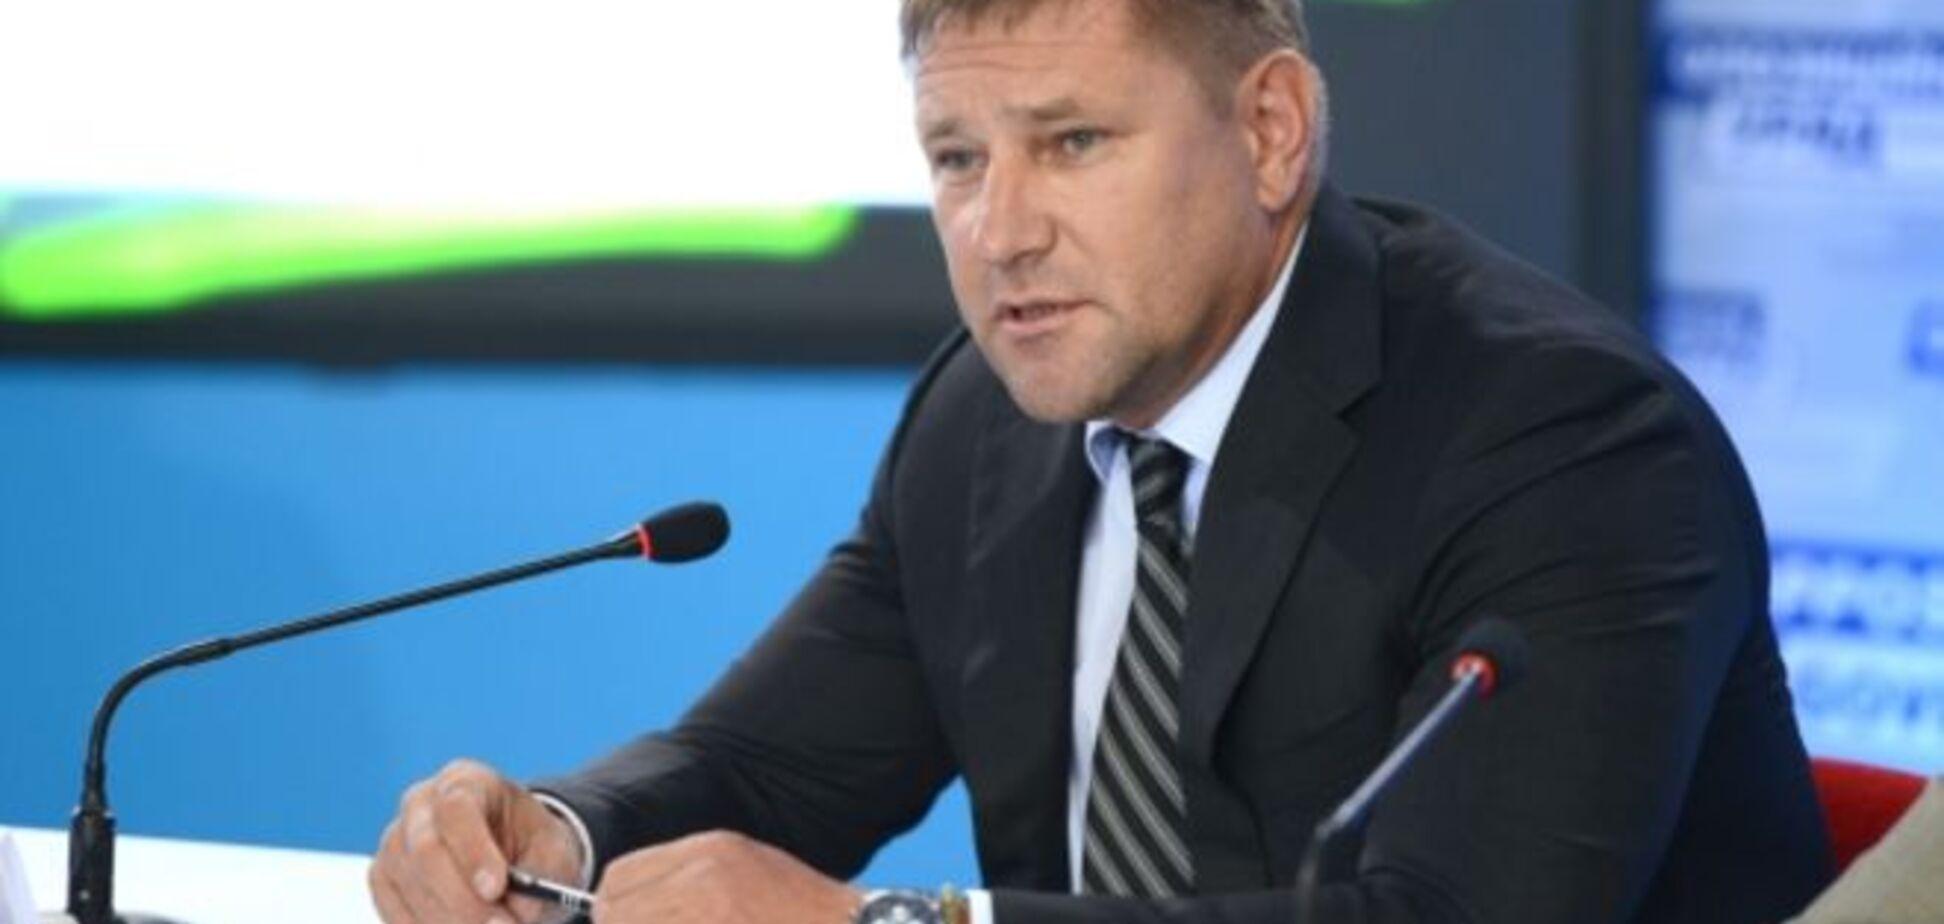 Стогний: 'Реформа' МВД от власти больше напоминает косметический ремонт